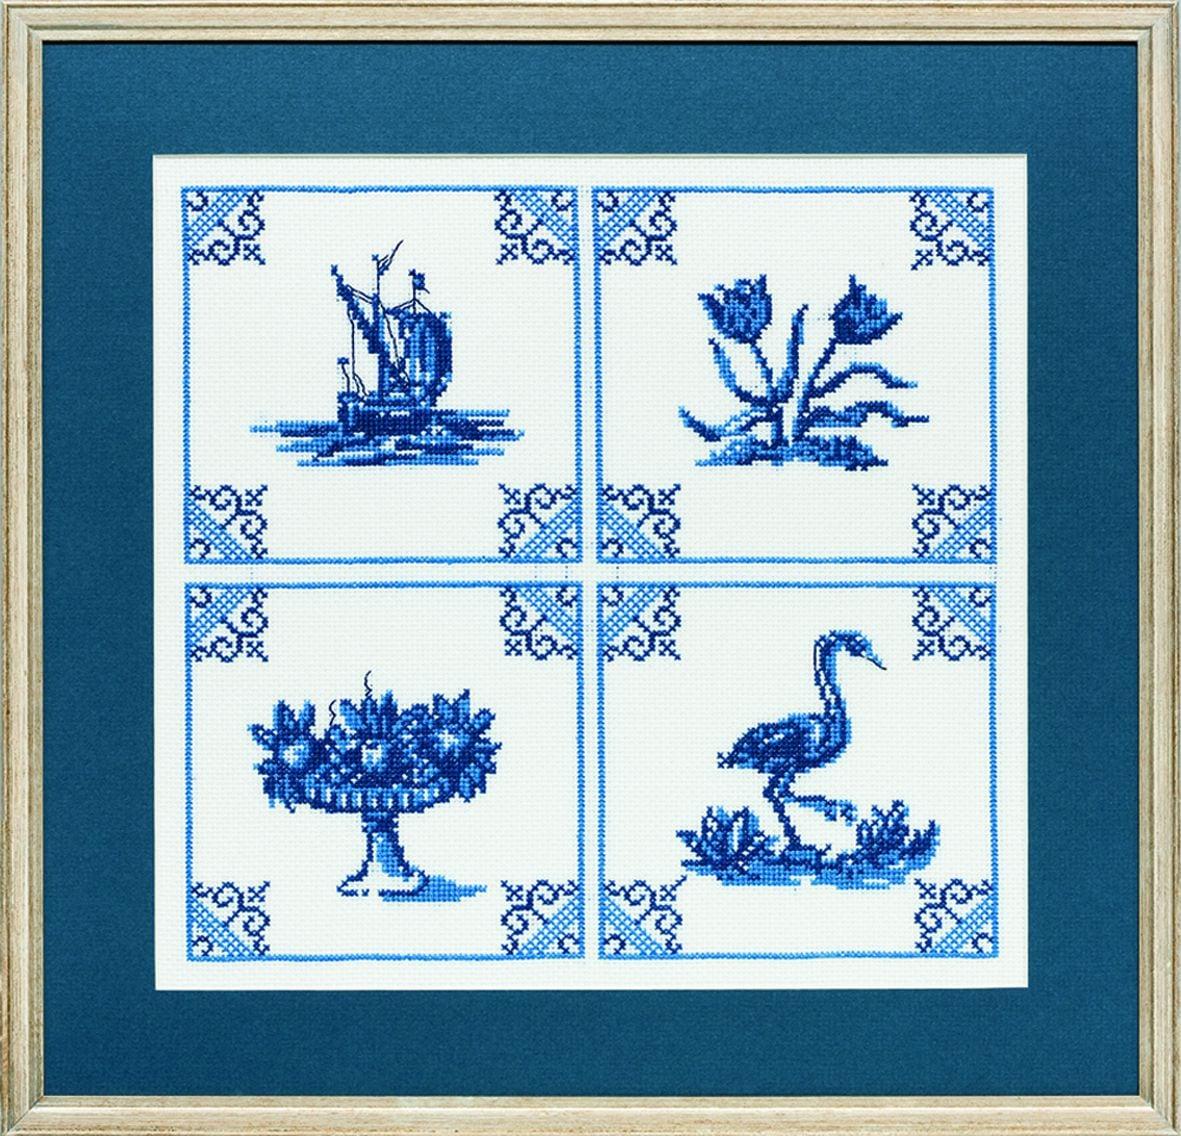 borduurpakket klassieke delftsblauwe tegeltjes